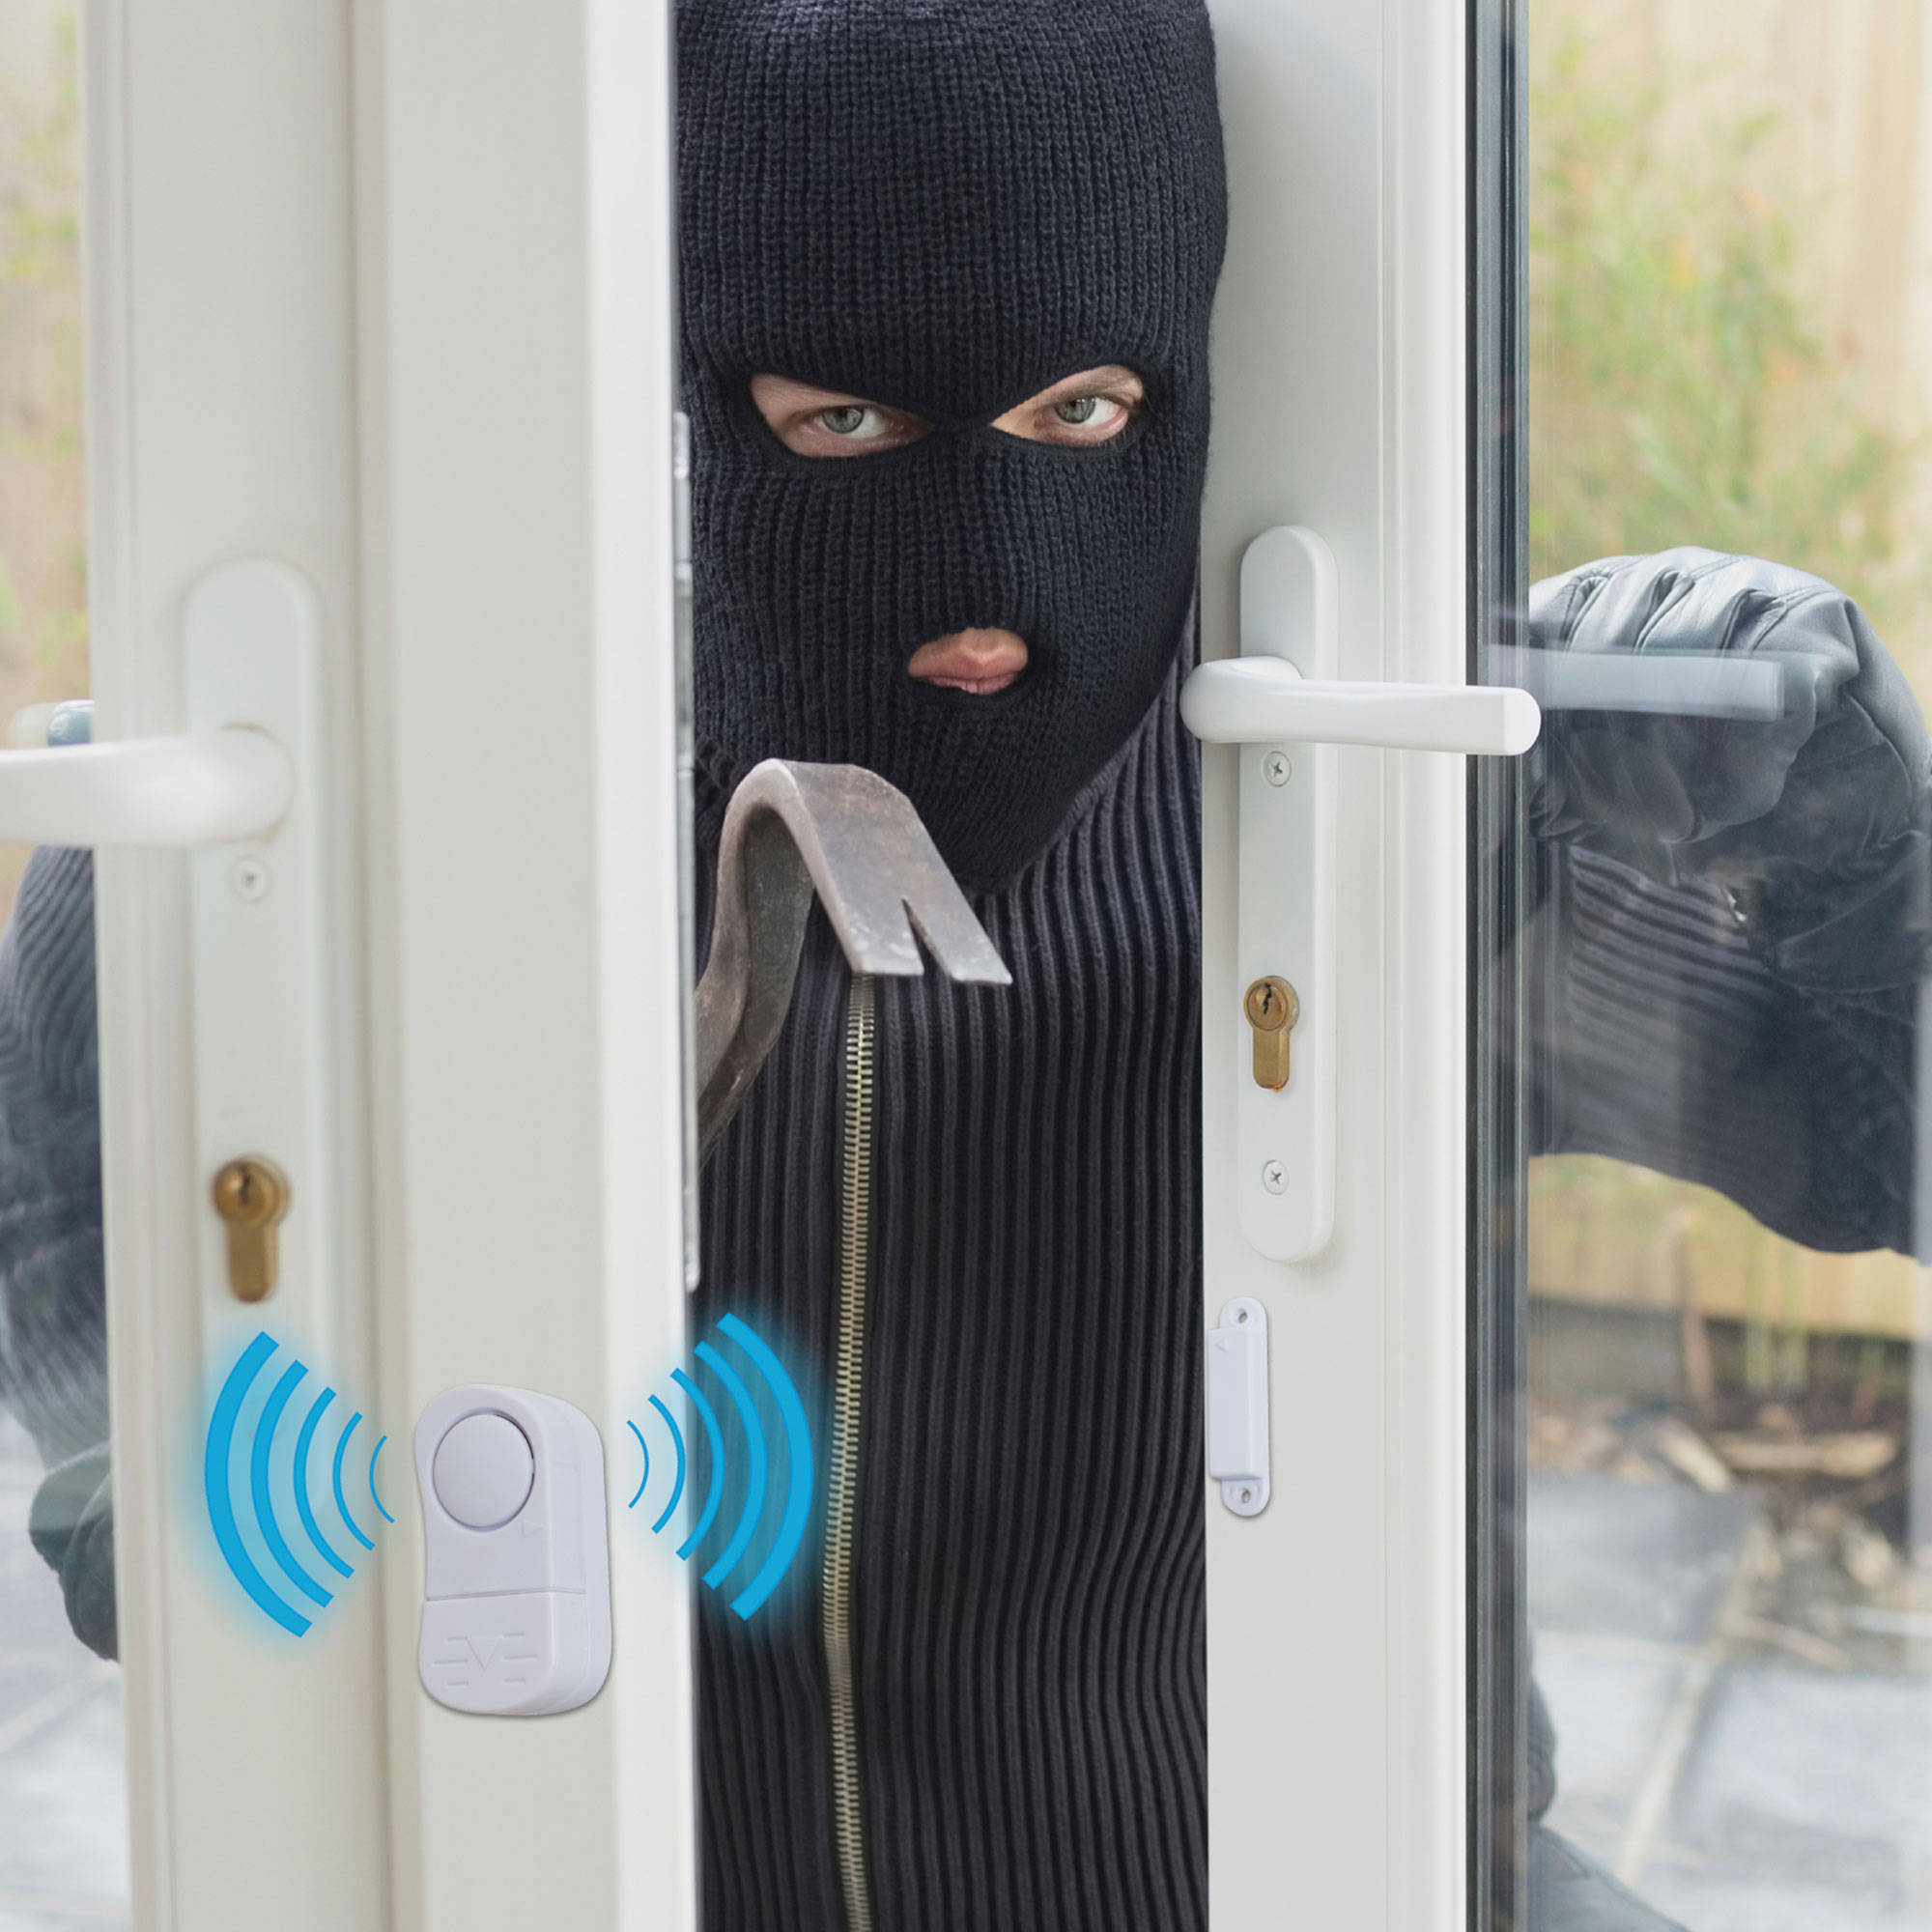 Stalwart 8-Piece Wireless Mini Window Security System Alarm Set